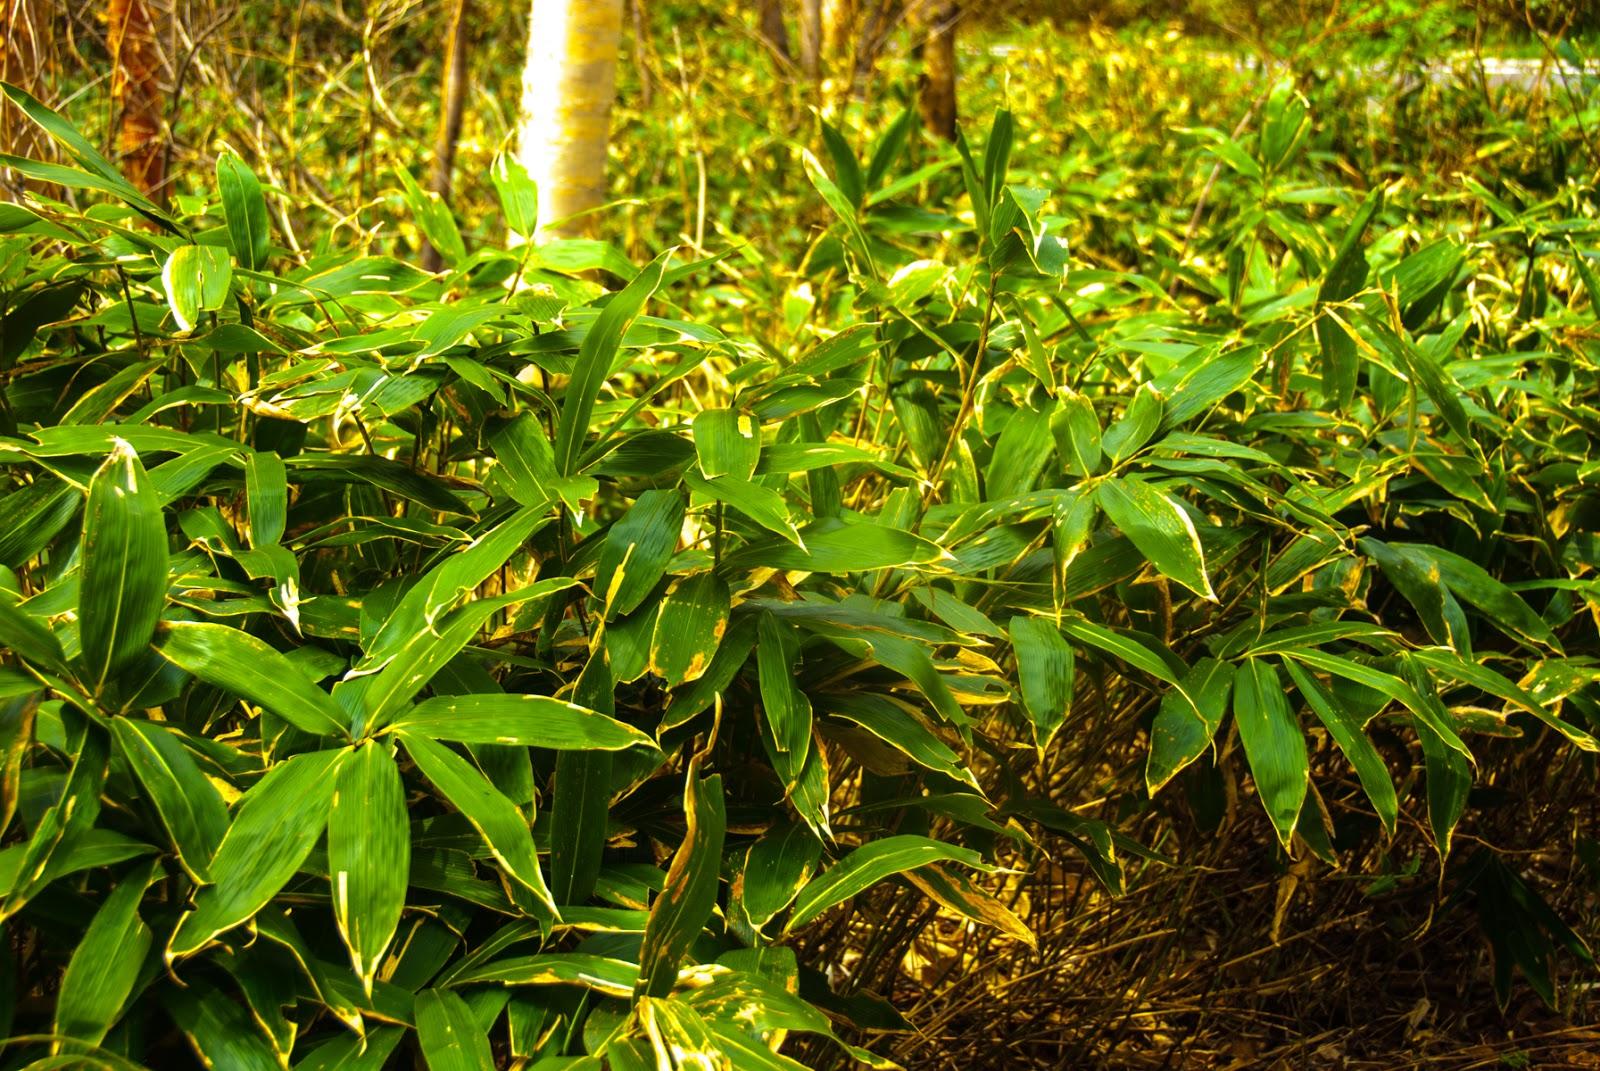 緑色の草がたくさん生えている